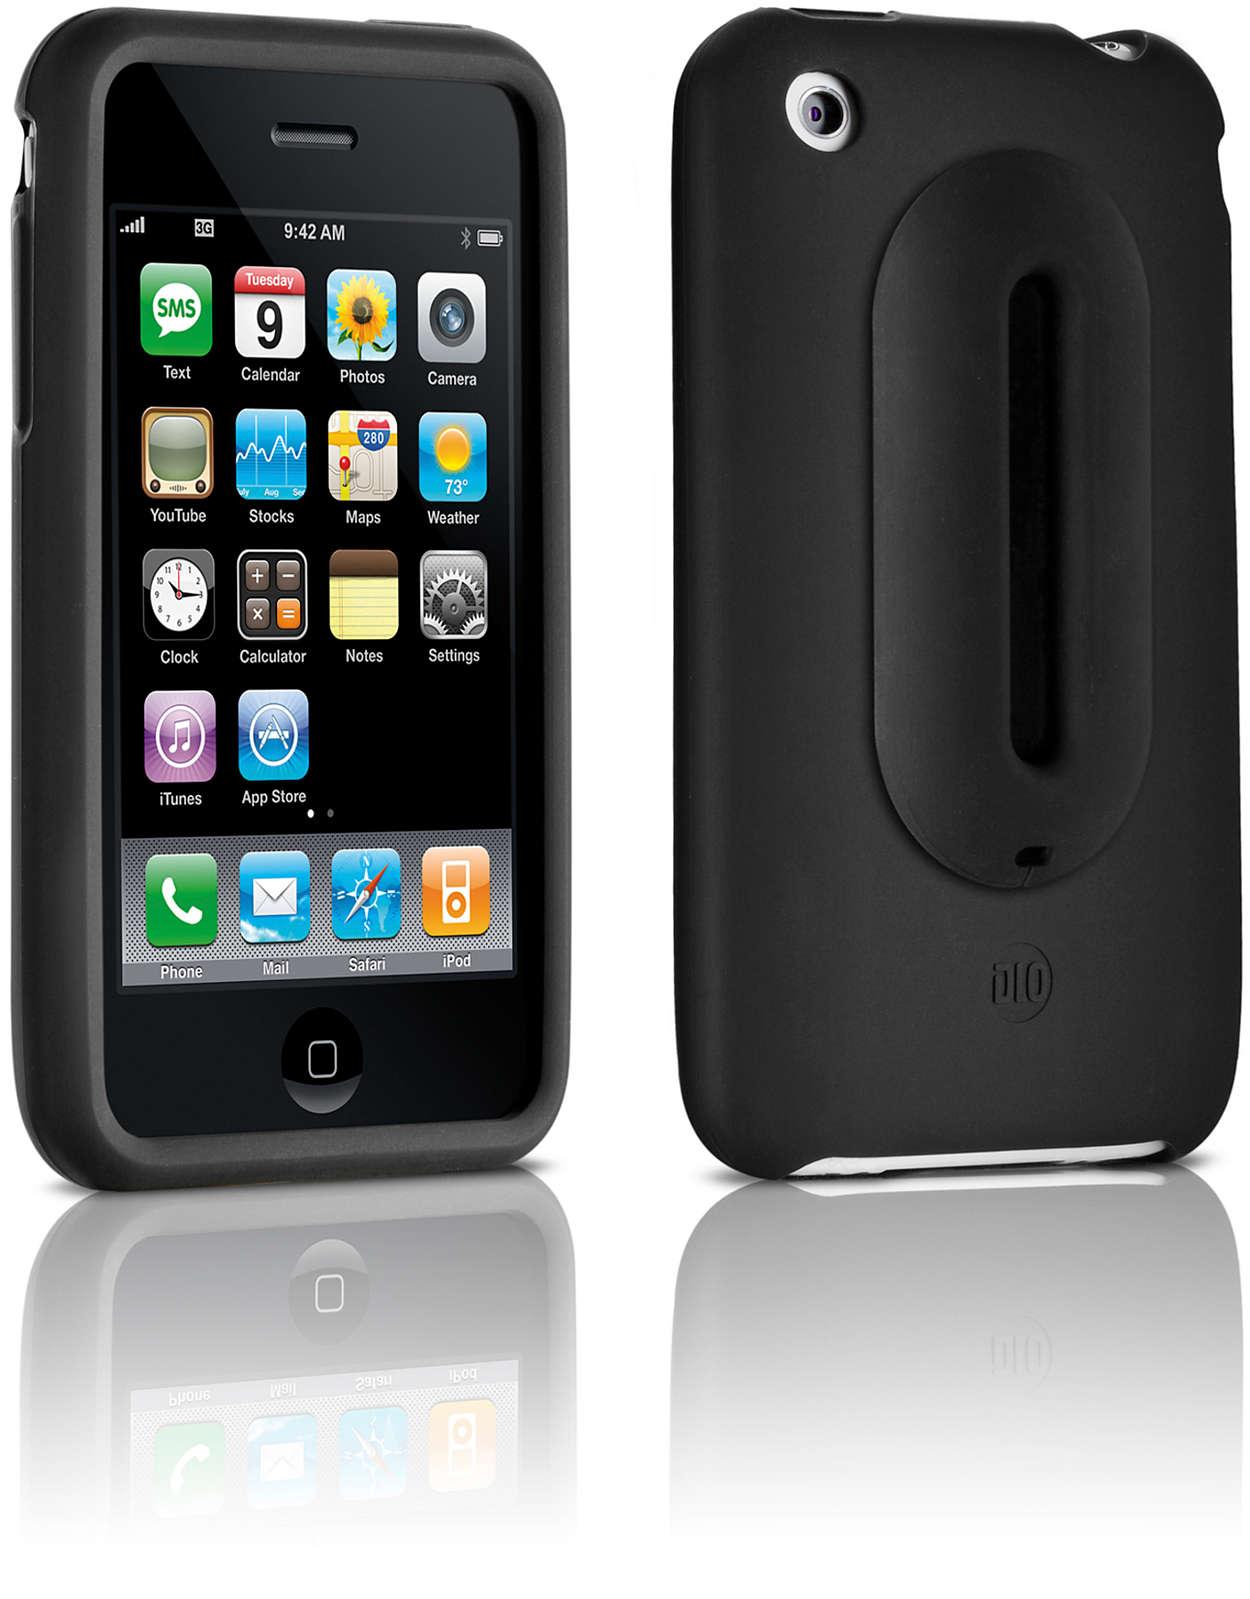 Silikonhülle als Schutz für Ihr iPhone